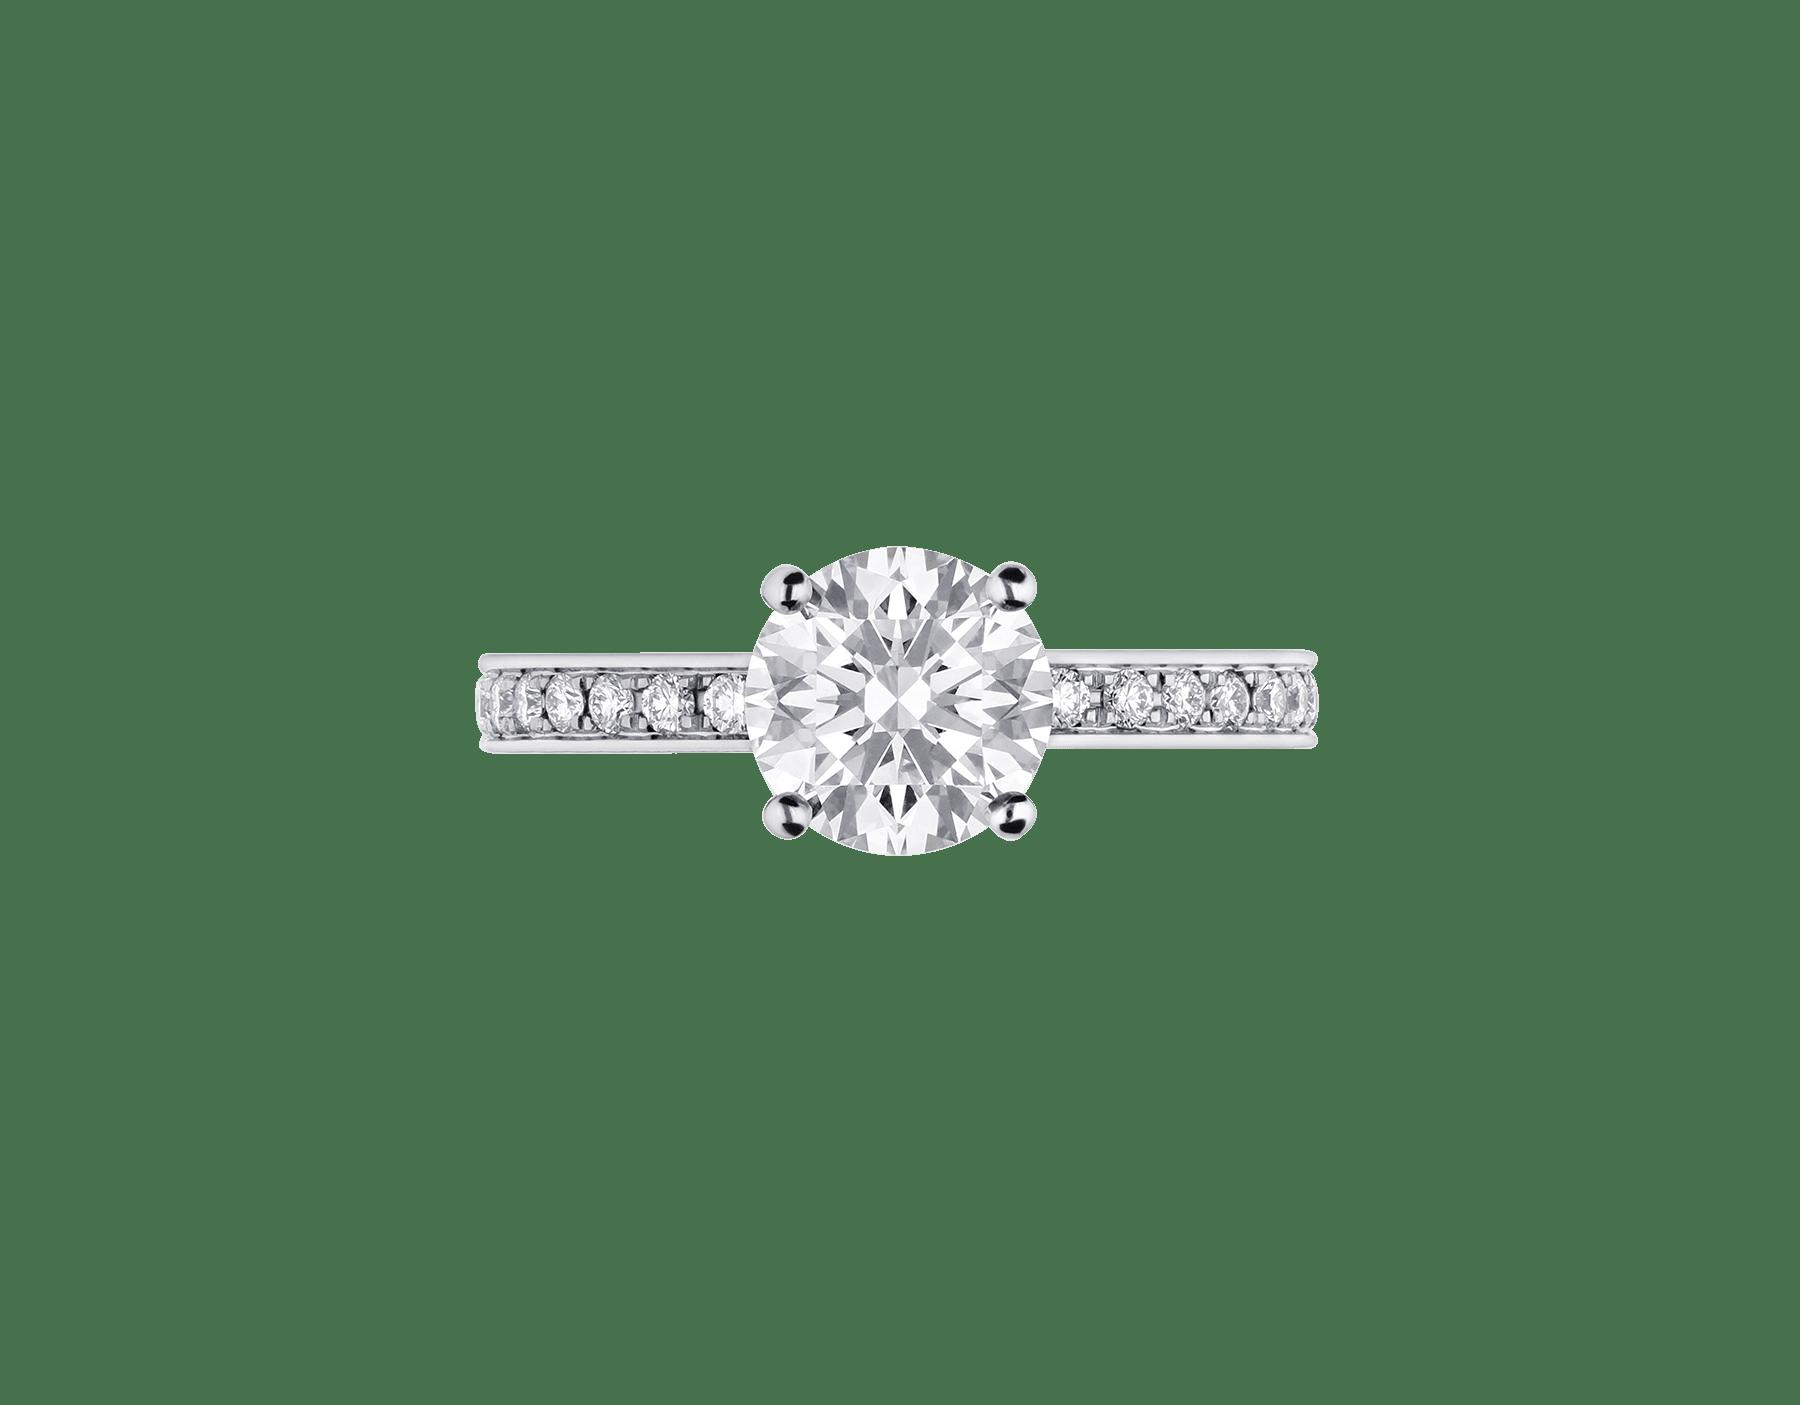 Dedicata a Venezia: solitaire1503 en platine serti d'un diamant rond taille brillant et pavé diamants 343367 image 4